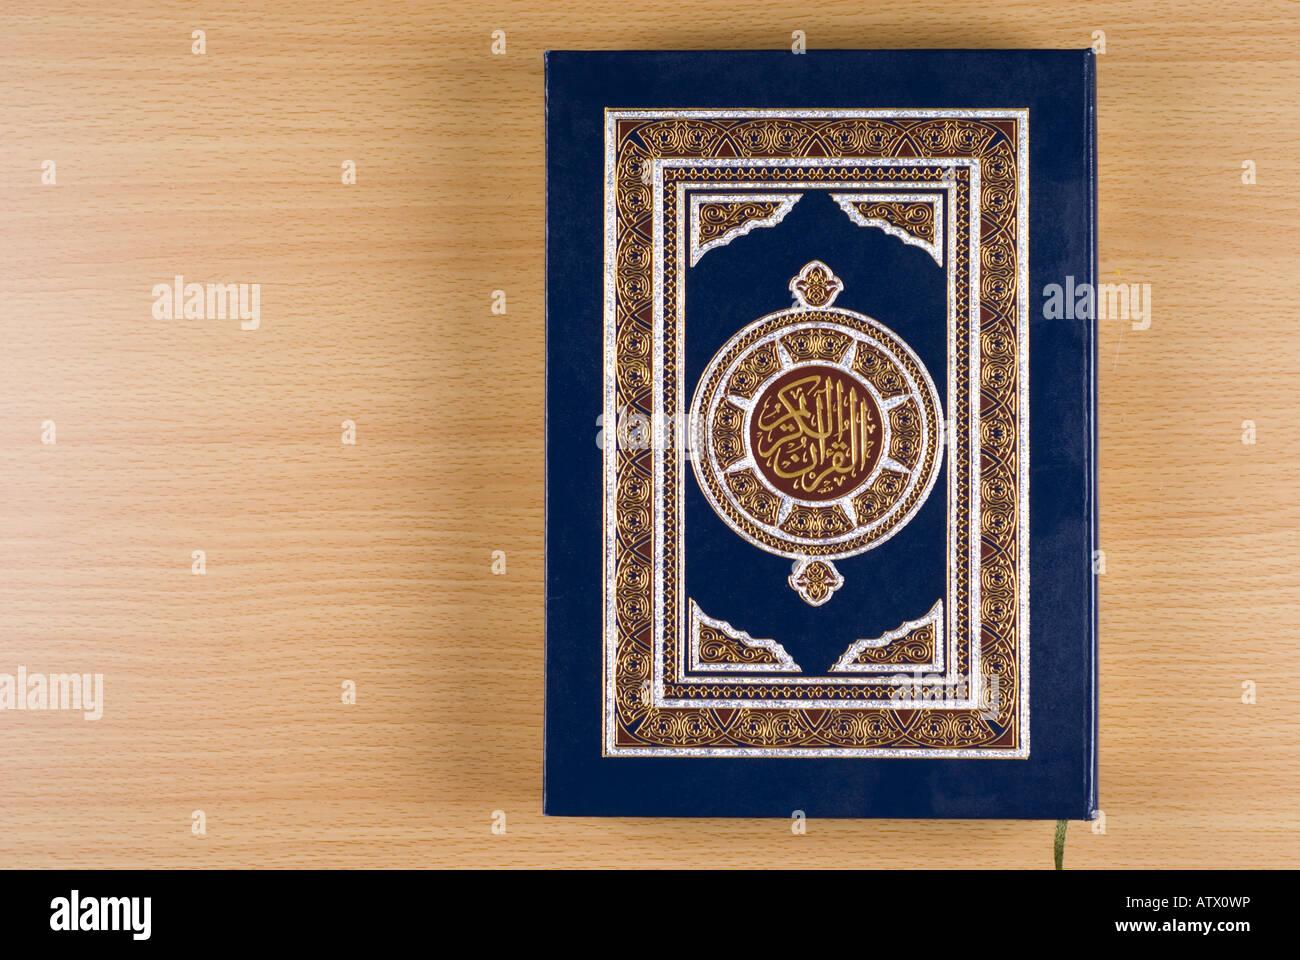 Quran Sacred book of Islam - Stock Image